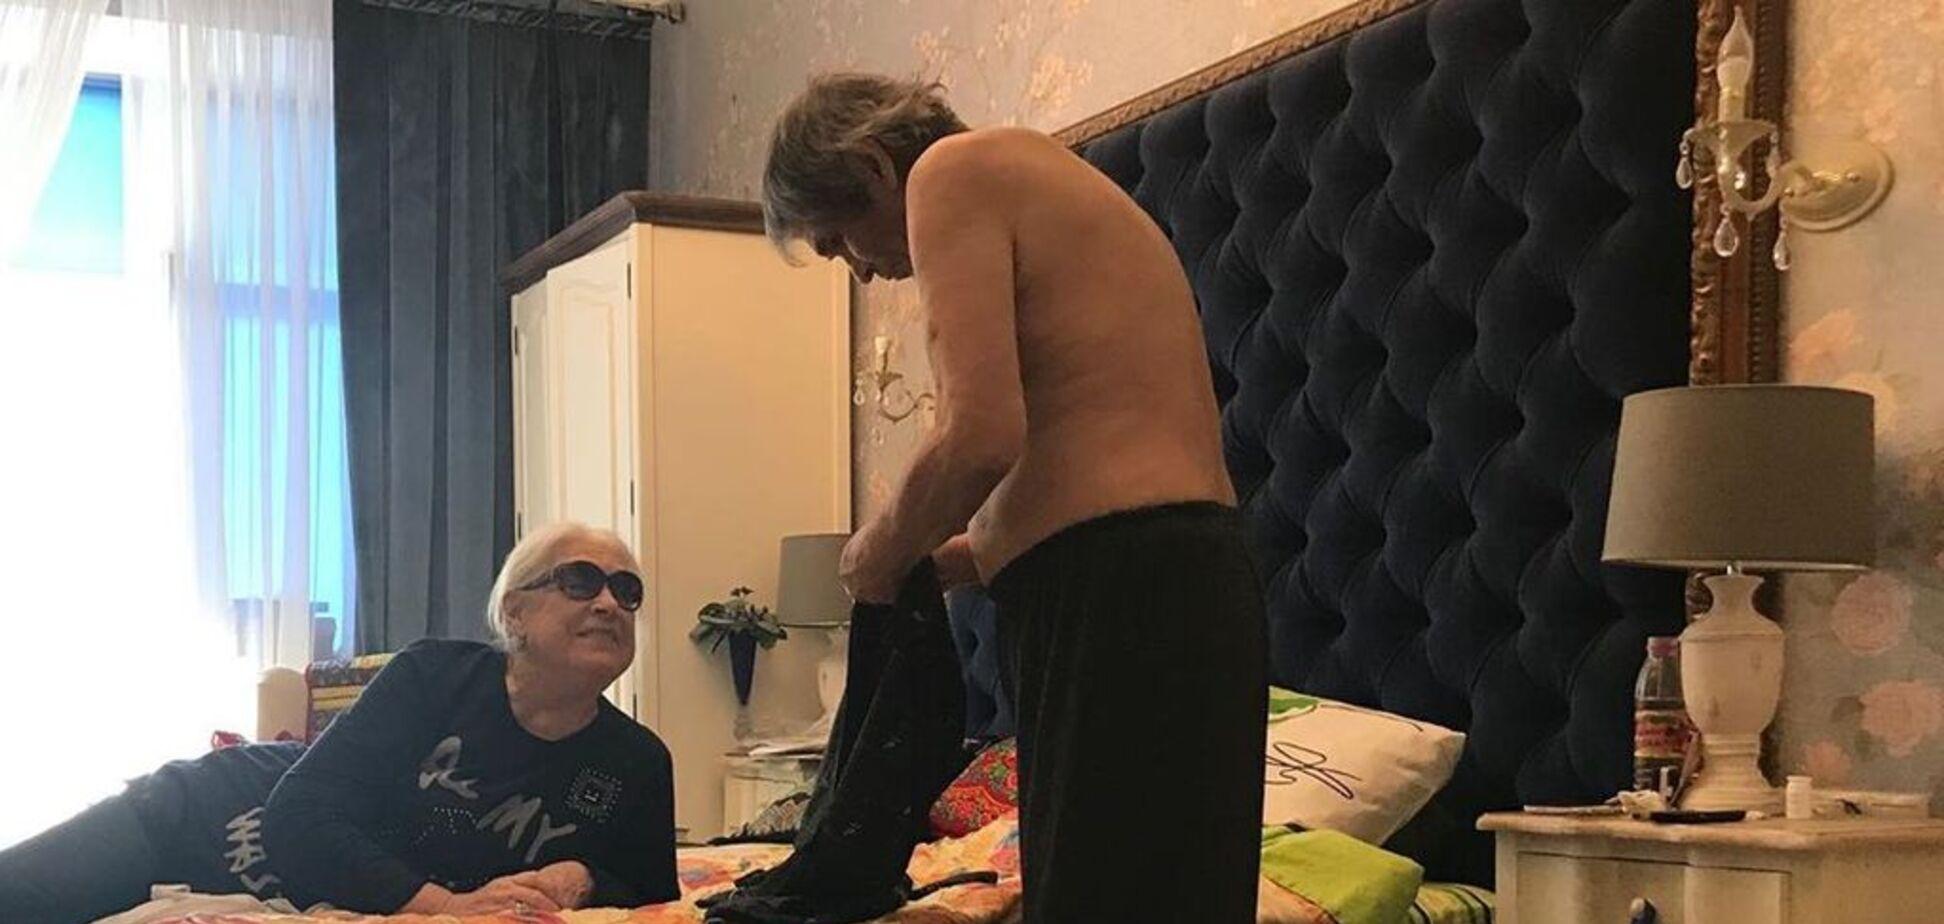 '15 лет не ступала нога мужчины': дочь Шукшиной рассказала о сексе 80-летней мамы с Алибасовым